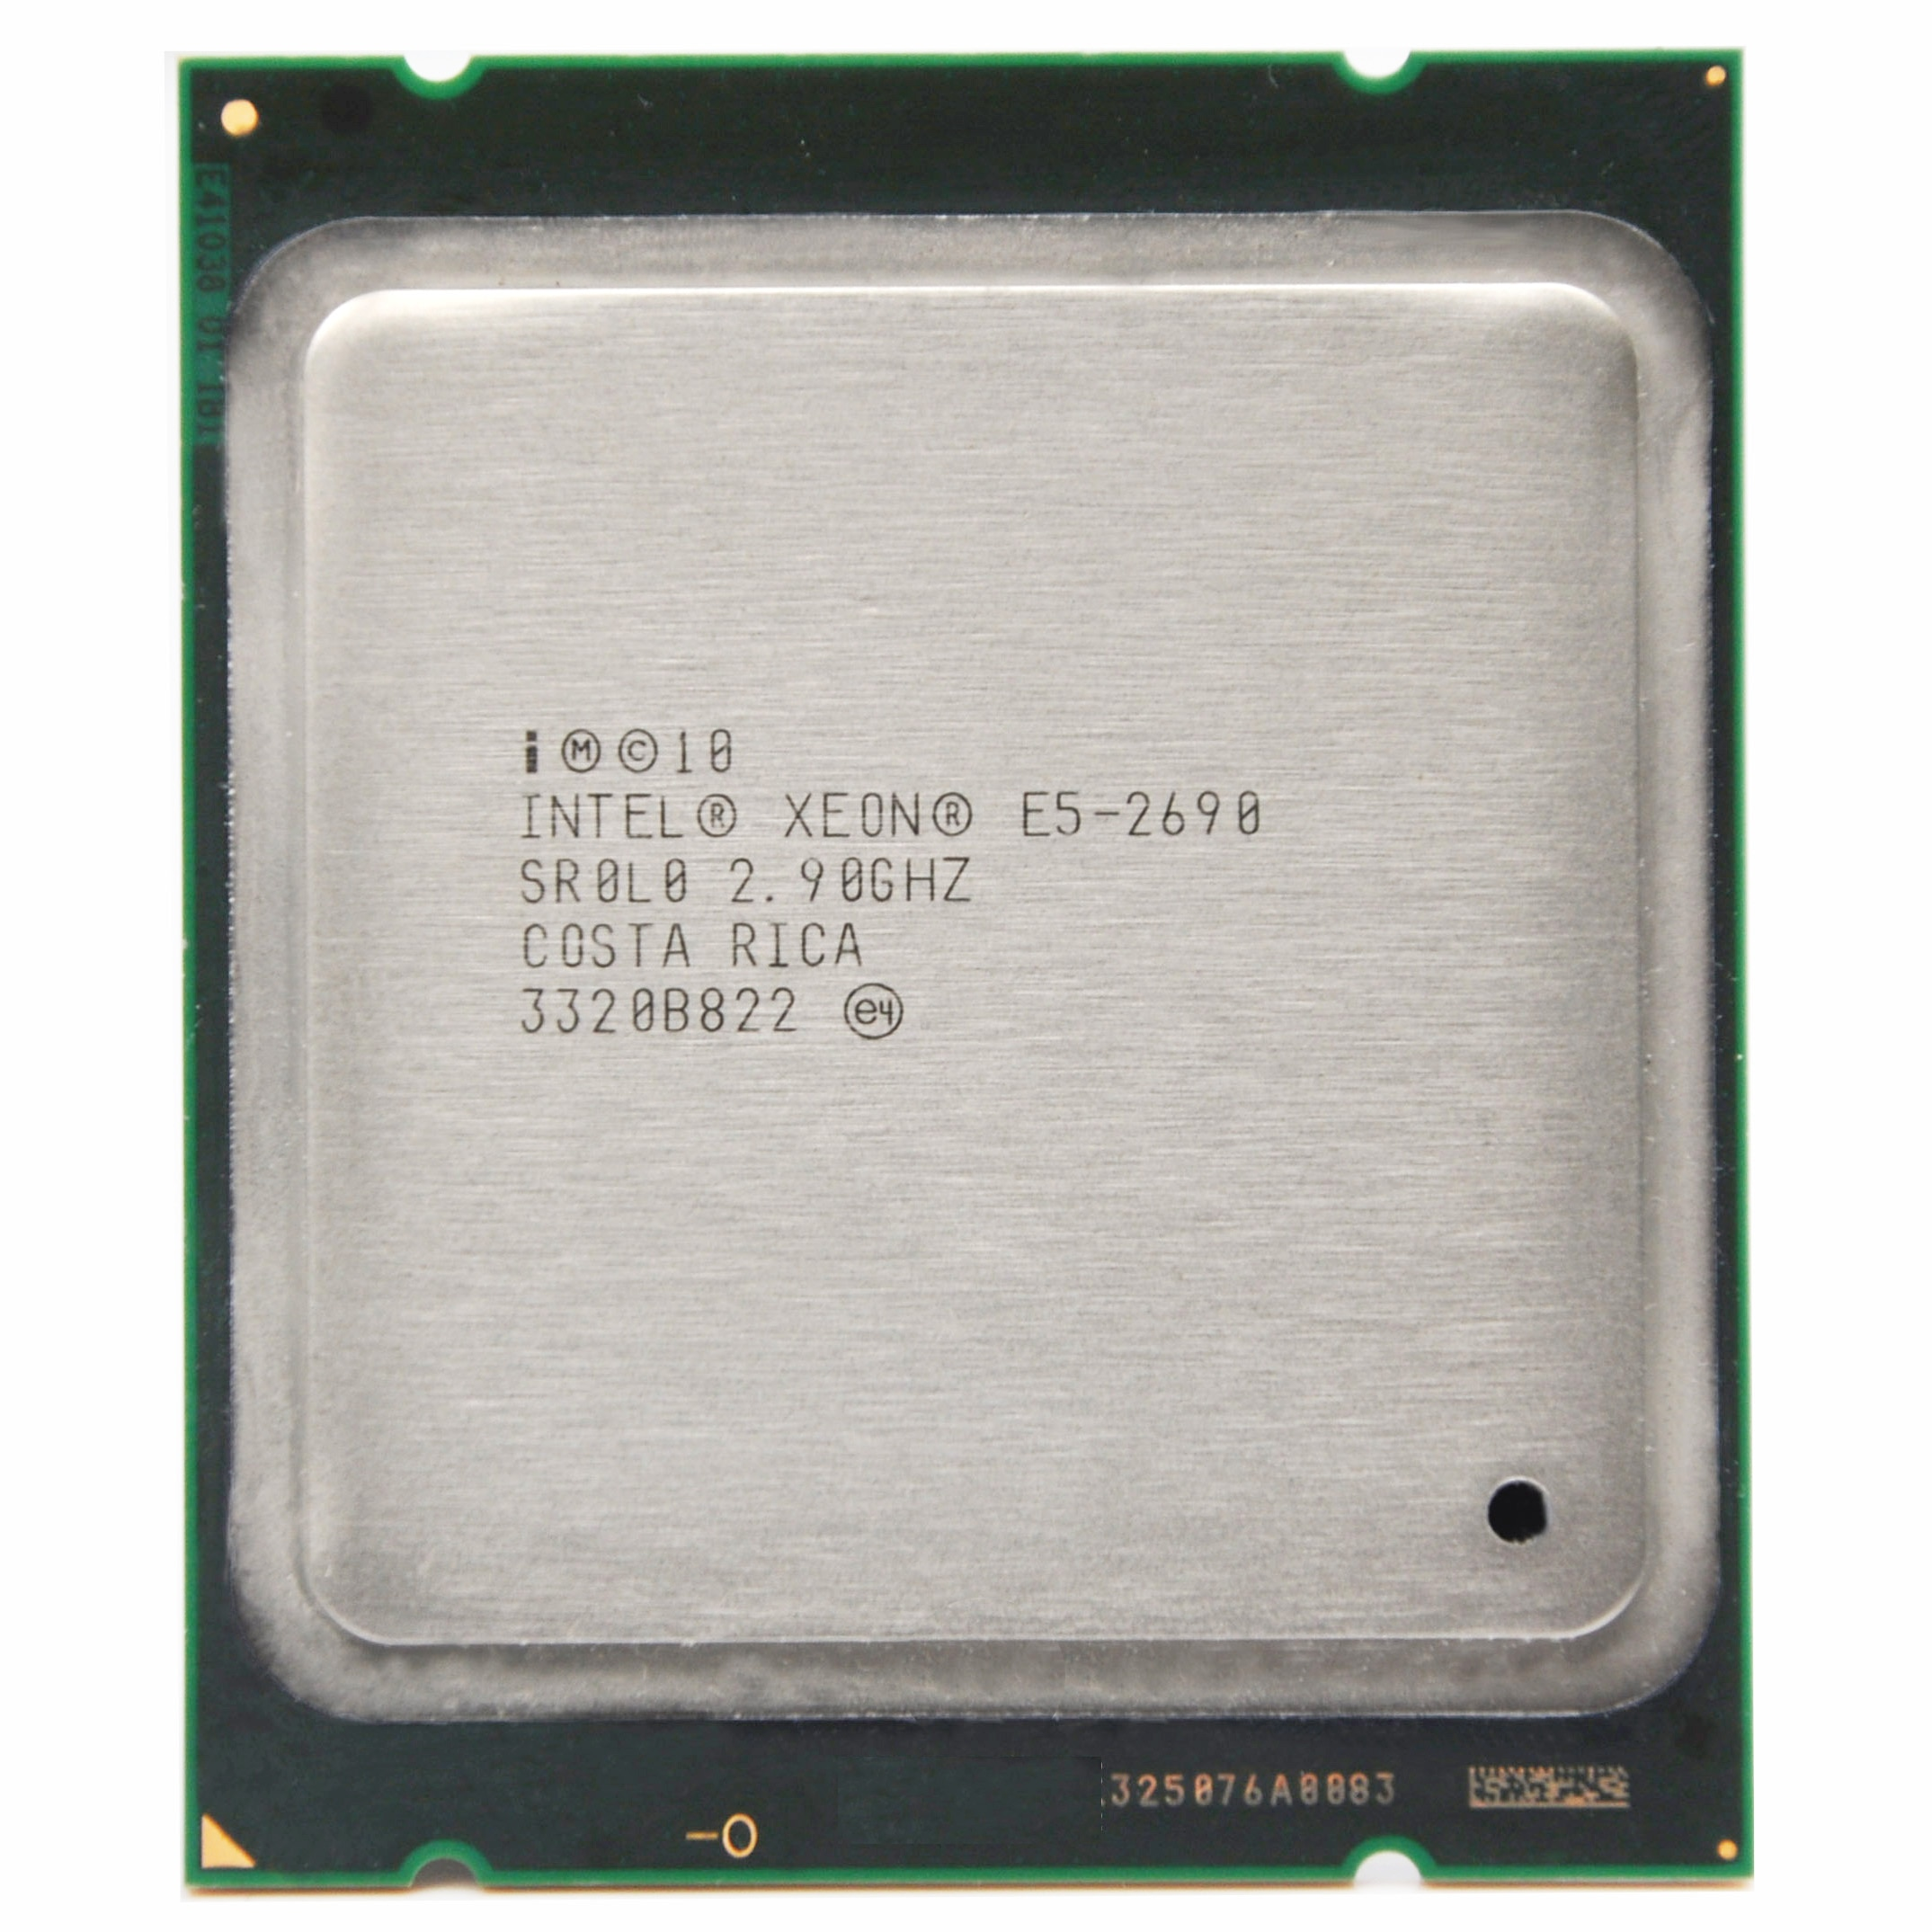 معالج إنتل زيون E5-2690 E5 2690 e52690 ثمانية النواة 2.9G C2 LGA2011 وحدة المعالجة المركزية سطح المكتب المعالج مناسبة X79 اللوحة